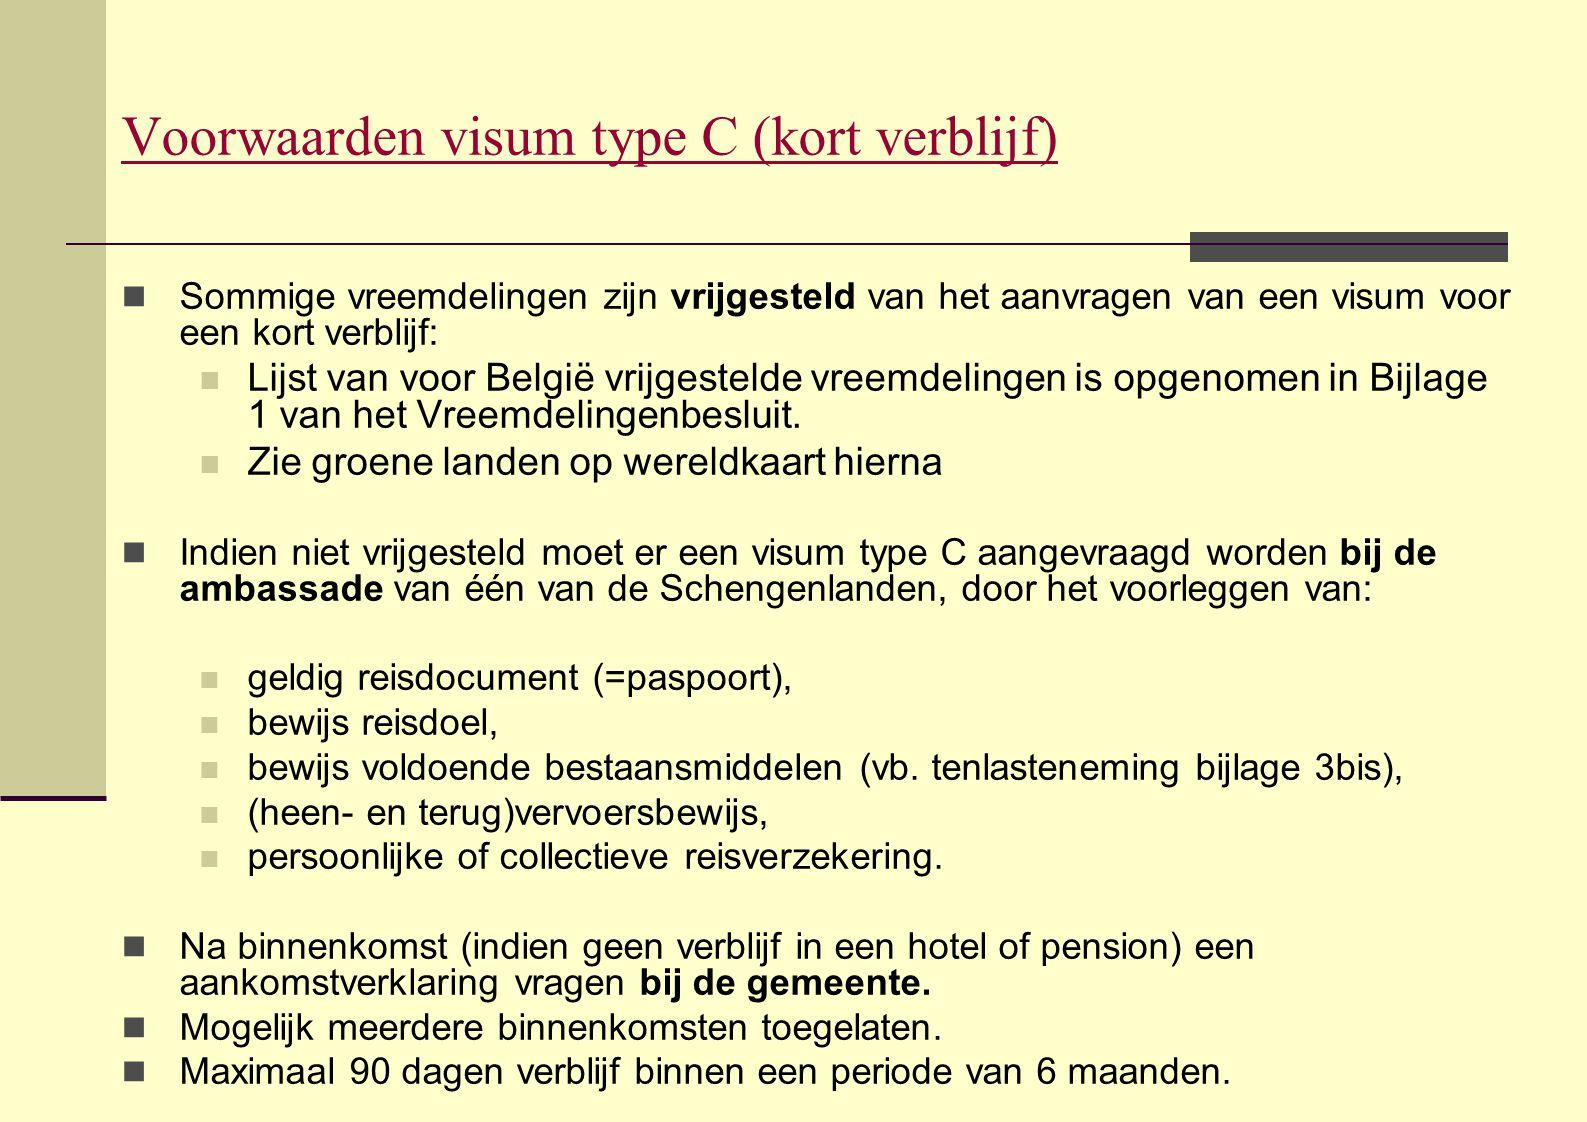 Langdurig ingezetene tweede verblijf in België - onvoorwaardelijk  Als het (tweede) verblijf in België 5 jaar heeft geduurd, wordt automatisch een onvoorwaardelijke verblijfsmachtiging afgeleverd (B kaart, geldig voor 5 jaar)  Uitzondering: studentenverblijf  Vreemdeling kan dan eventueel een aanvraag indienen om status van langdurig ingezetene in België te bekomen